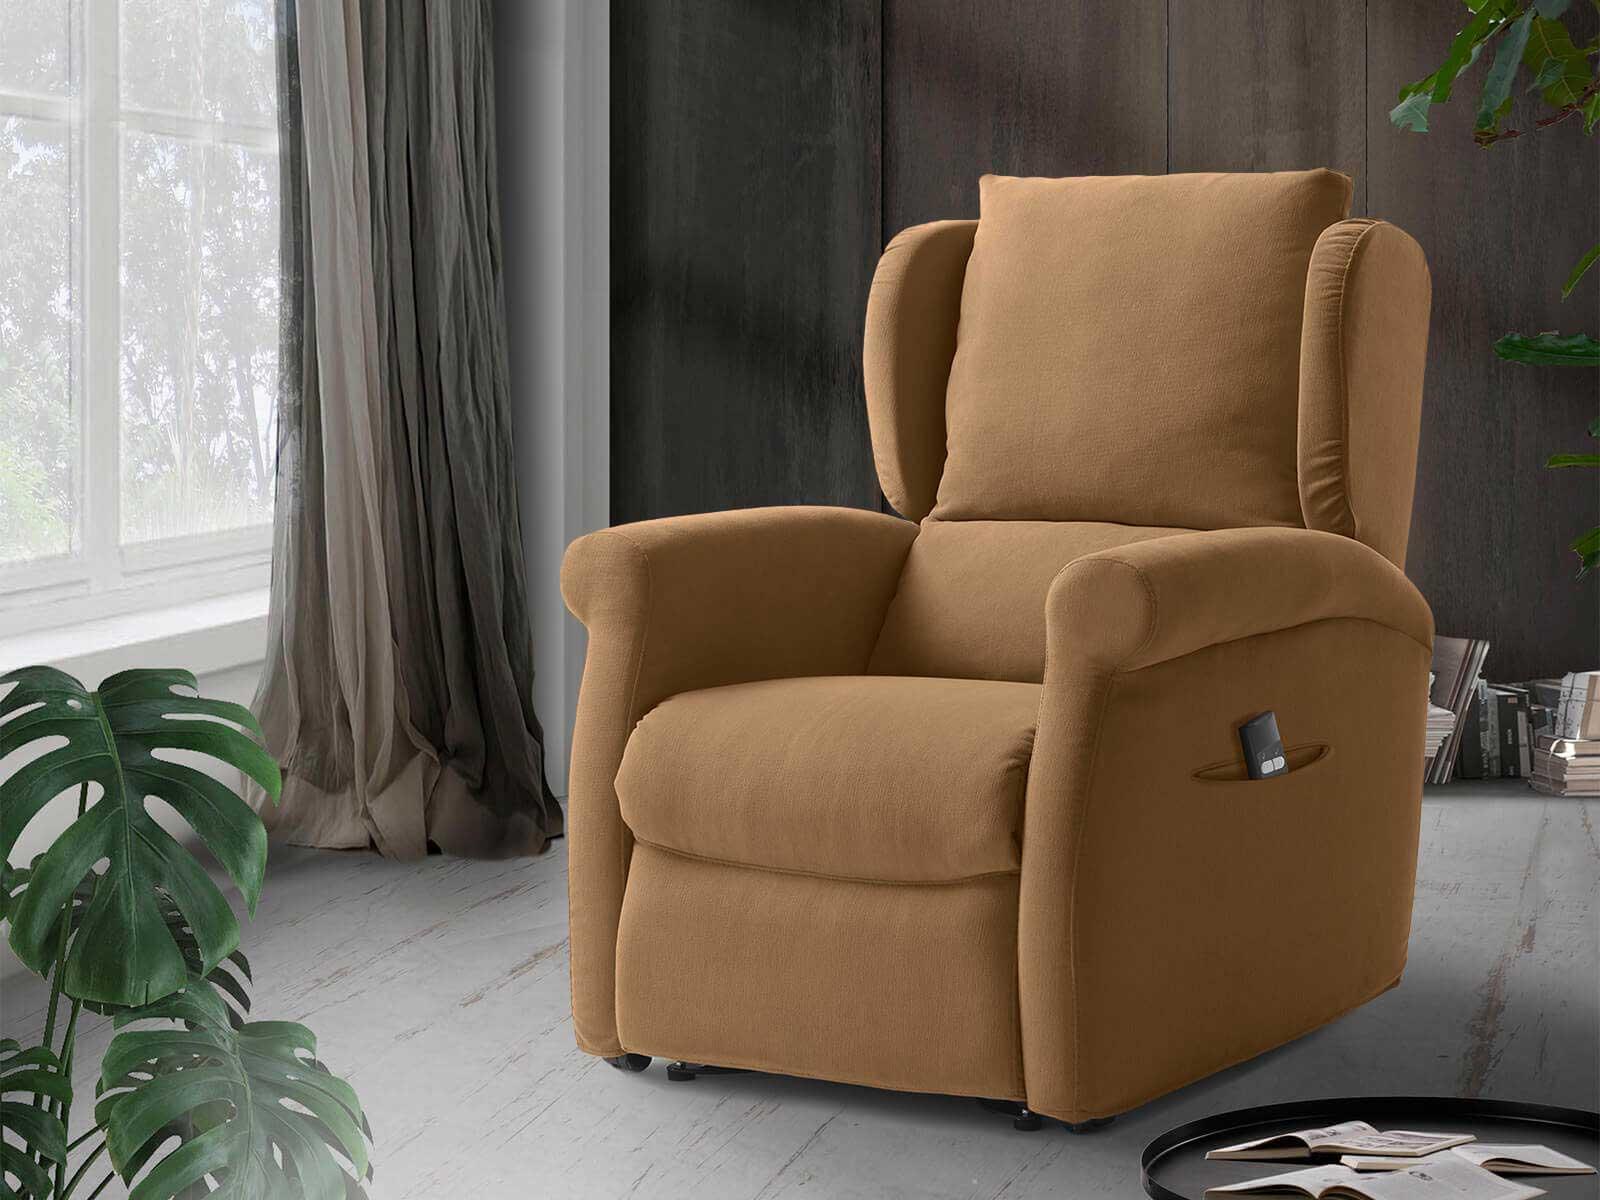 poltrona-relax-motorizzata-presidio-medico-modello-tris-large-con-schienale-a-foto-ambientata-chiusa